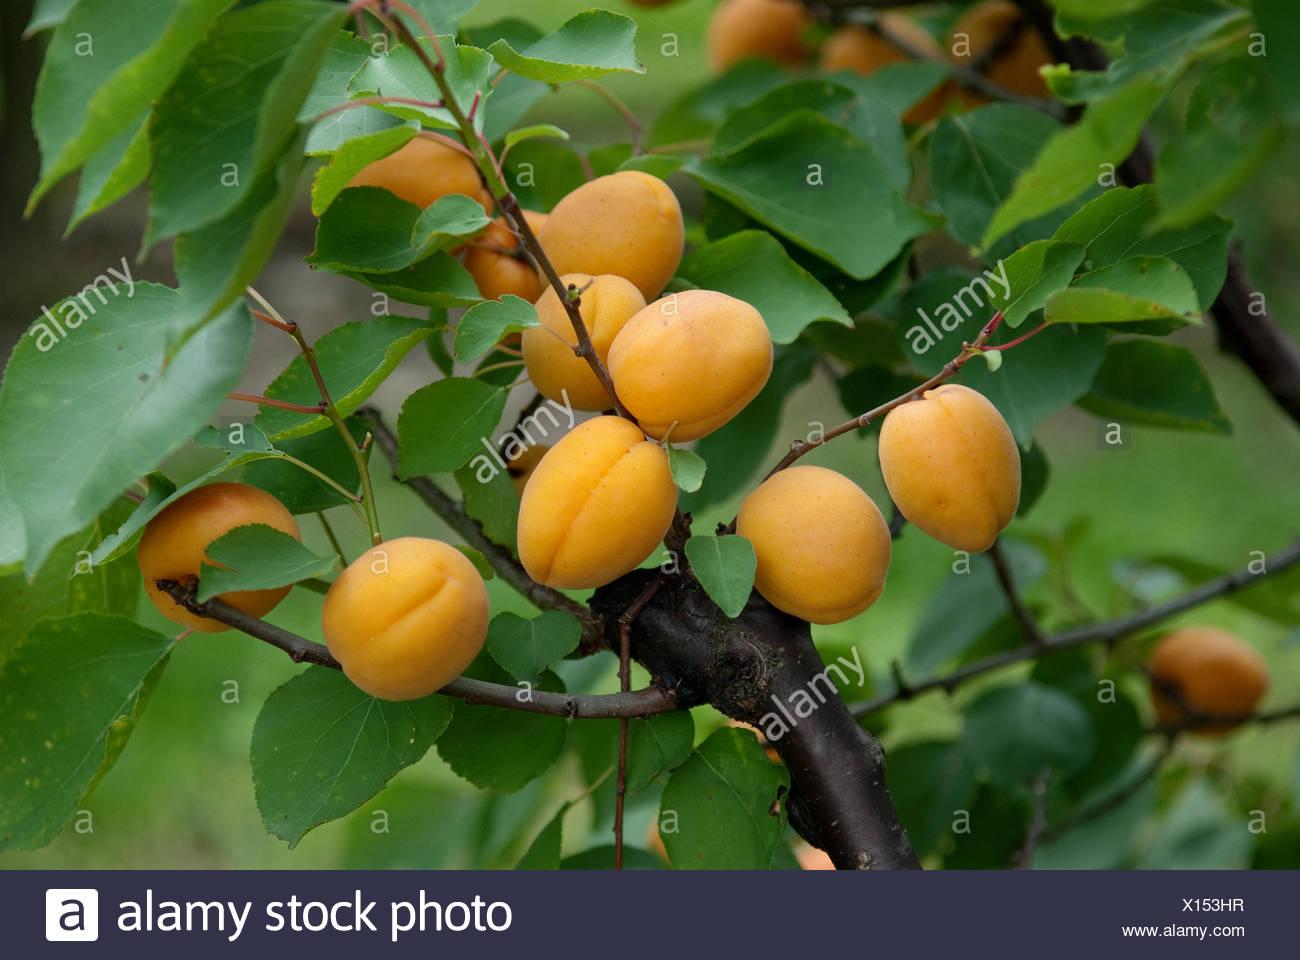 apricot tree (Prunus armeniaca 'Goldrich', Prunus armeniaca Goldrich), cultivar Goldrich, apricots on a tree - Stock Image